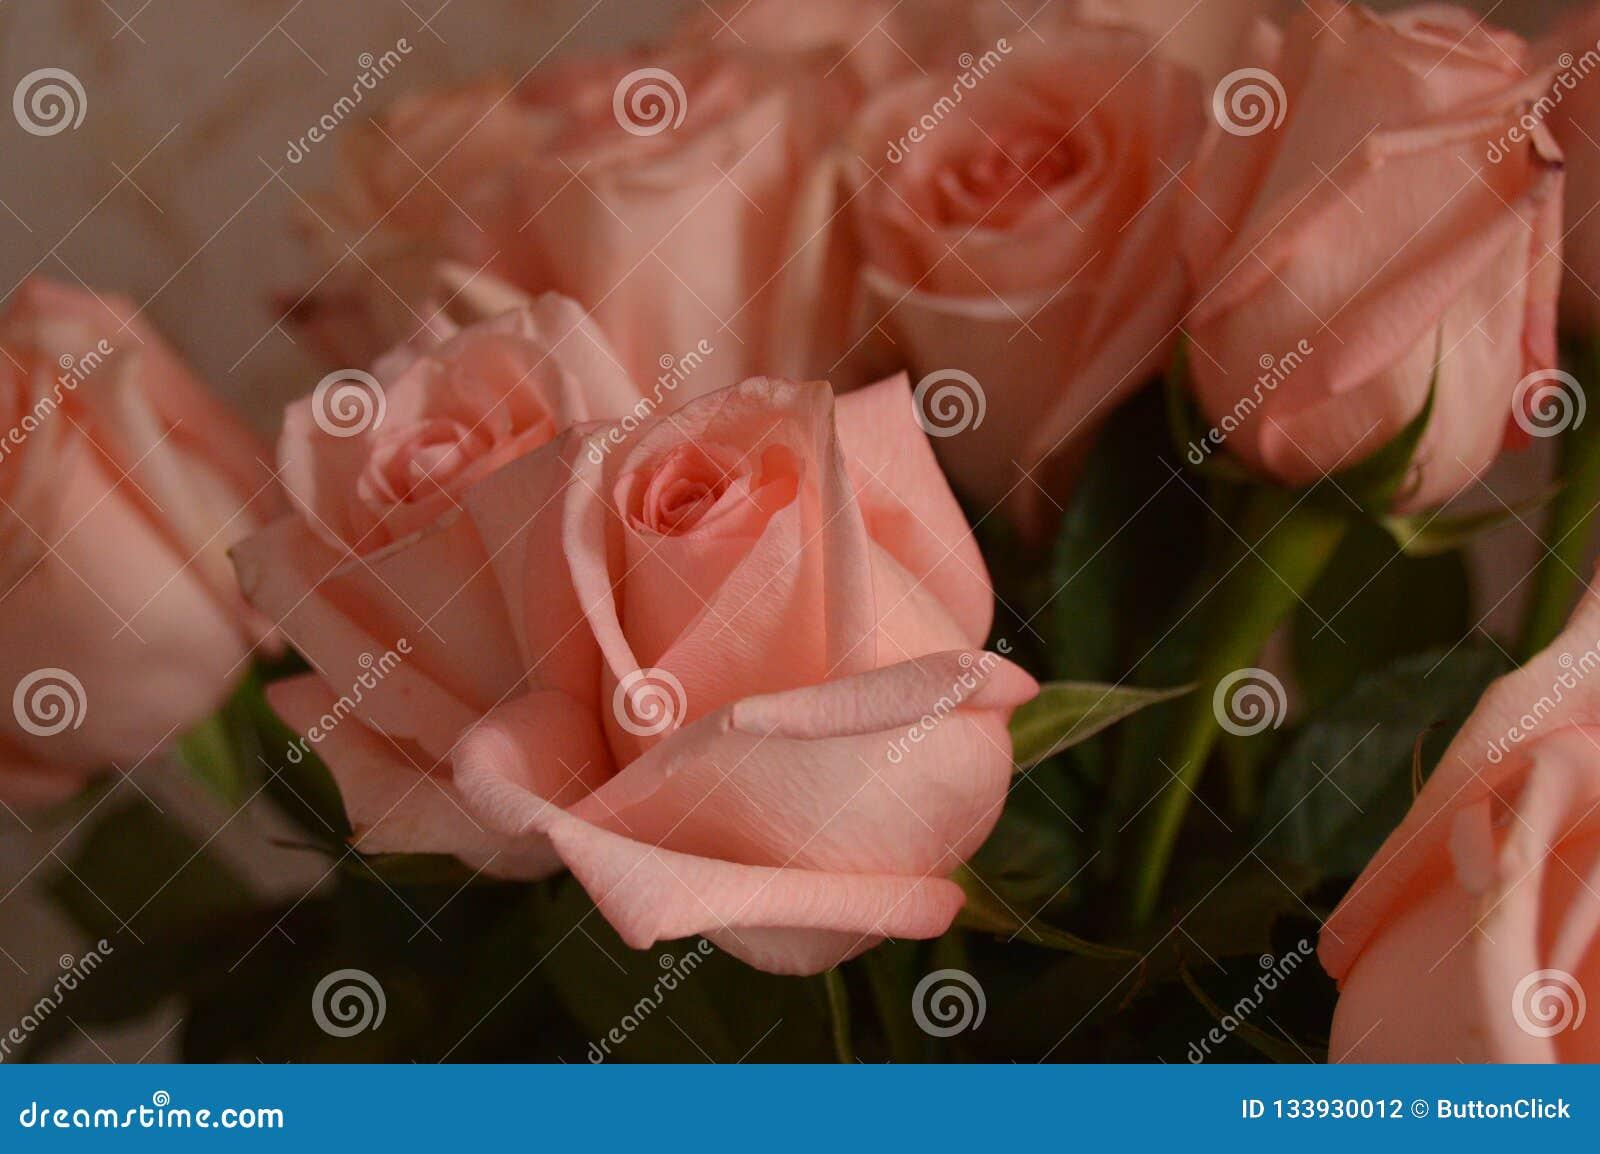 Bakgrund för Rose Many Gentle Pink Buds kronbladbukett